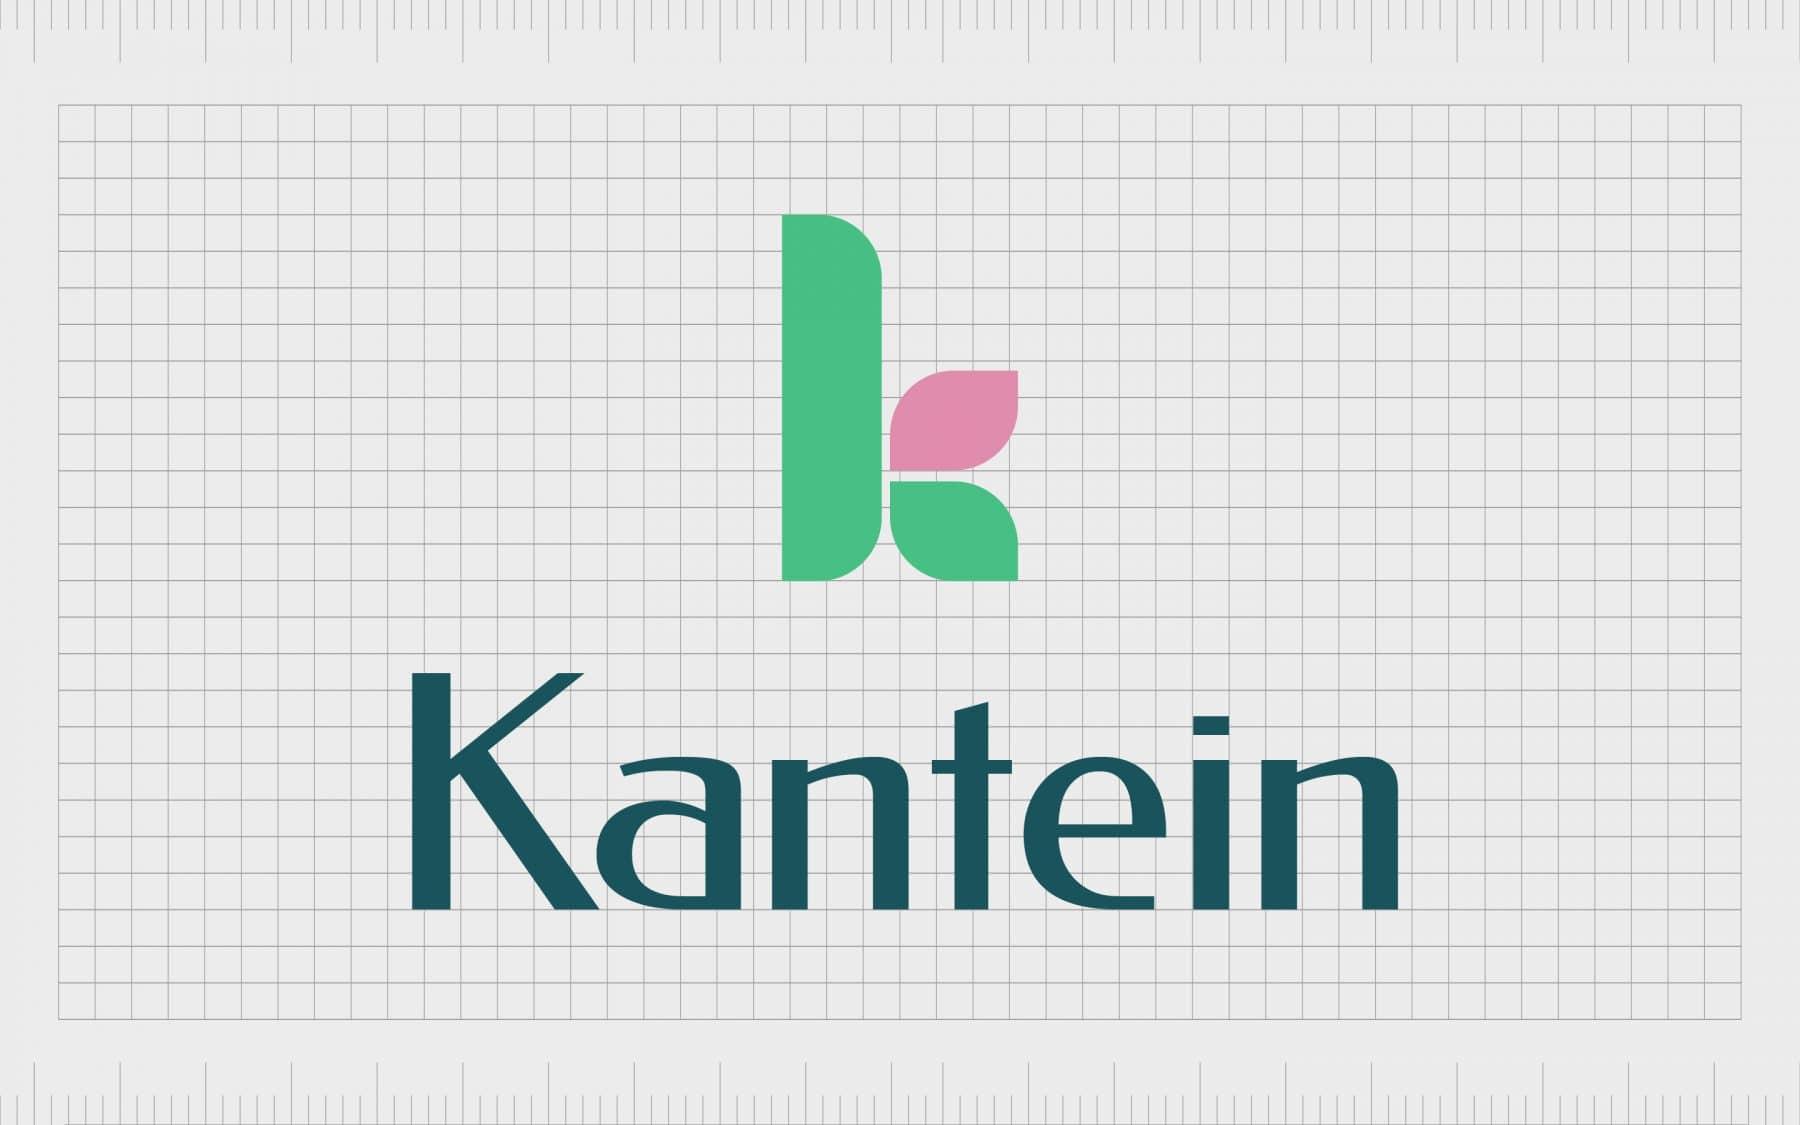 Kantein